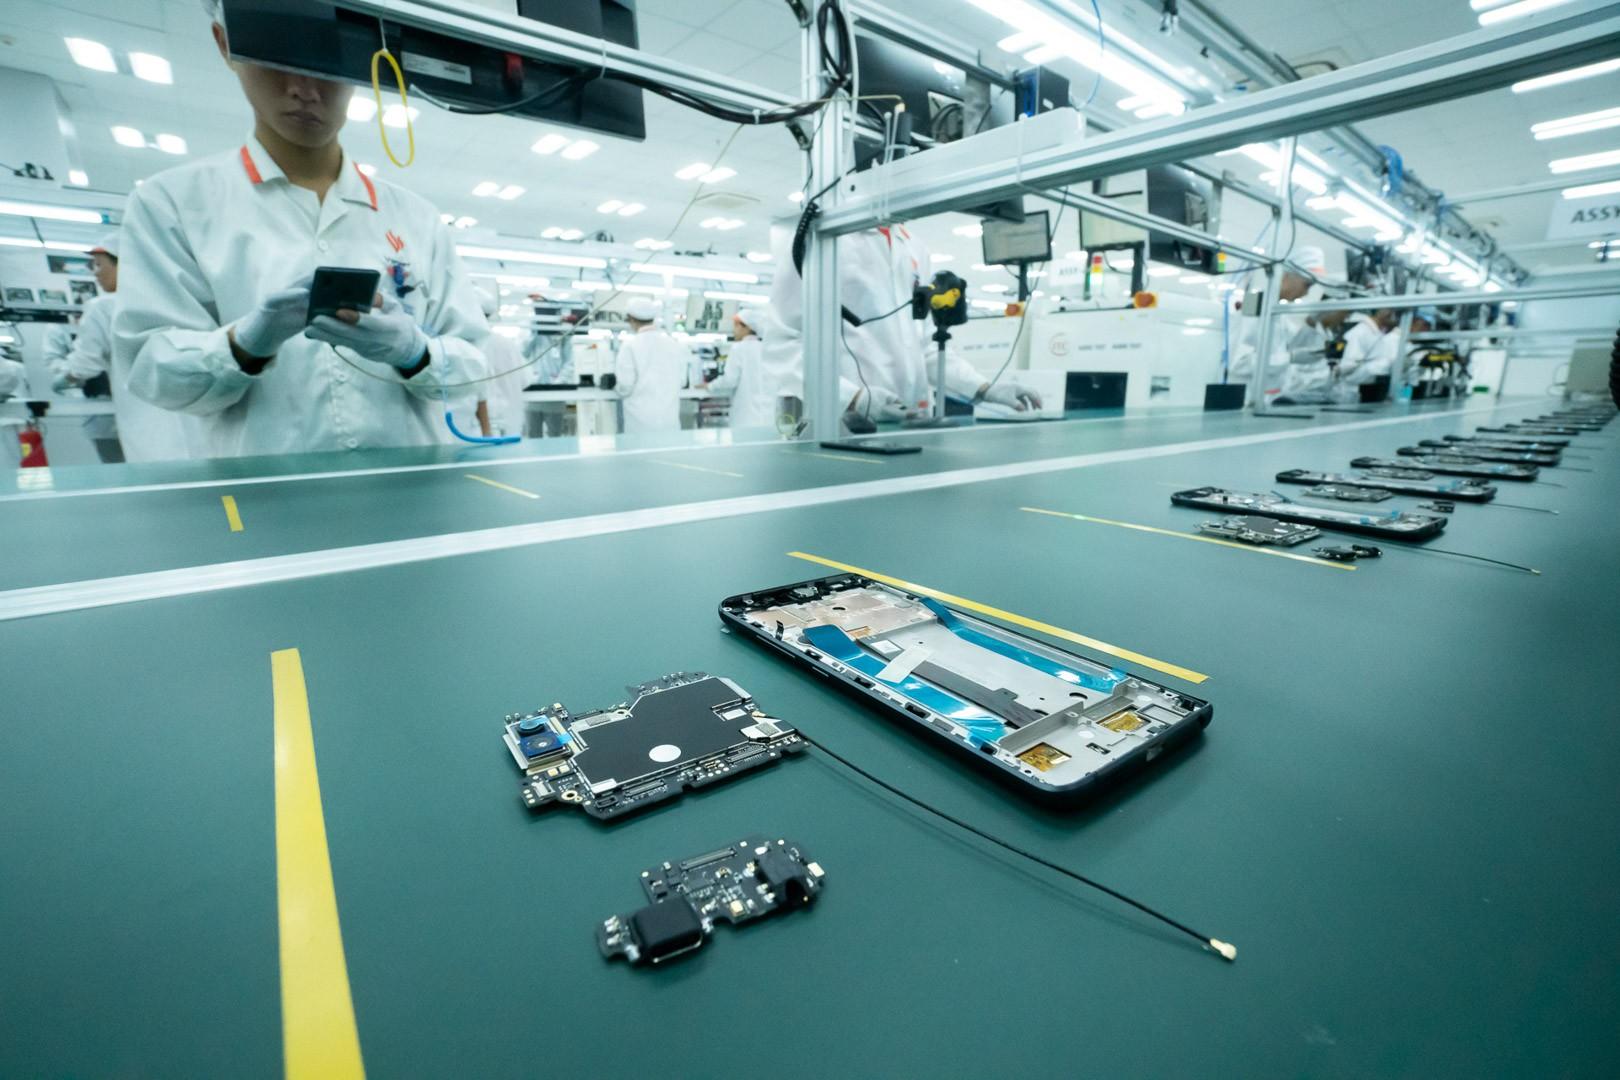 Vingroup sẽ xây dựng nhà máy sản xuất điện thoại lớn gấp 25 lần hiện tại, sản xuất 125 triệu máy mỗi năm - Ảnh 1.